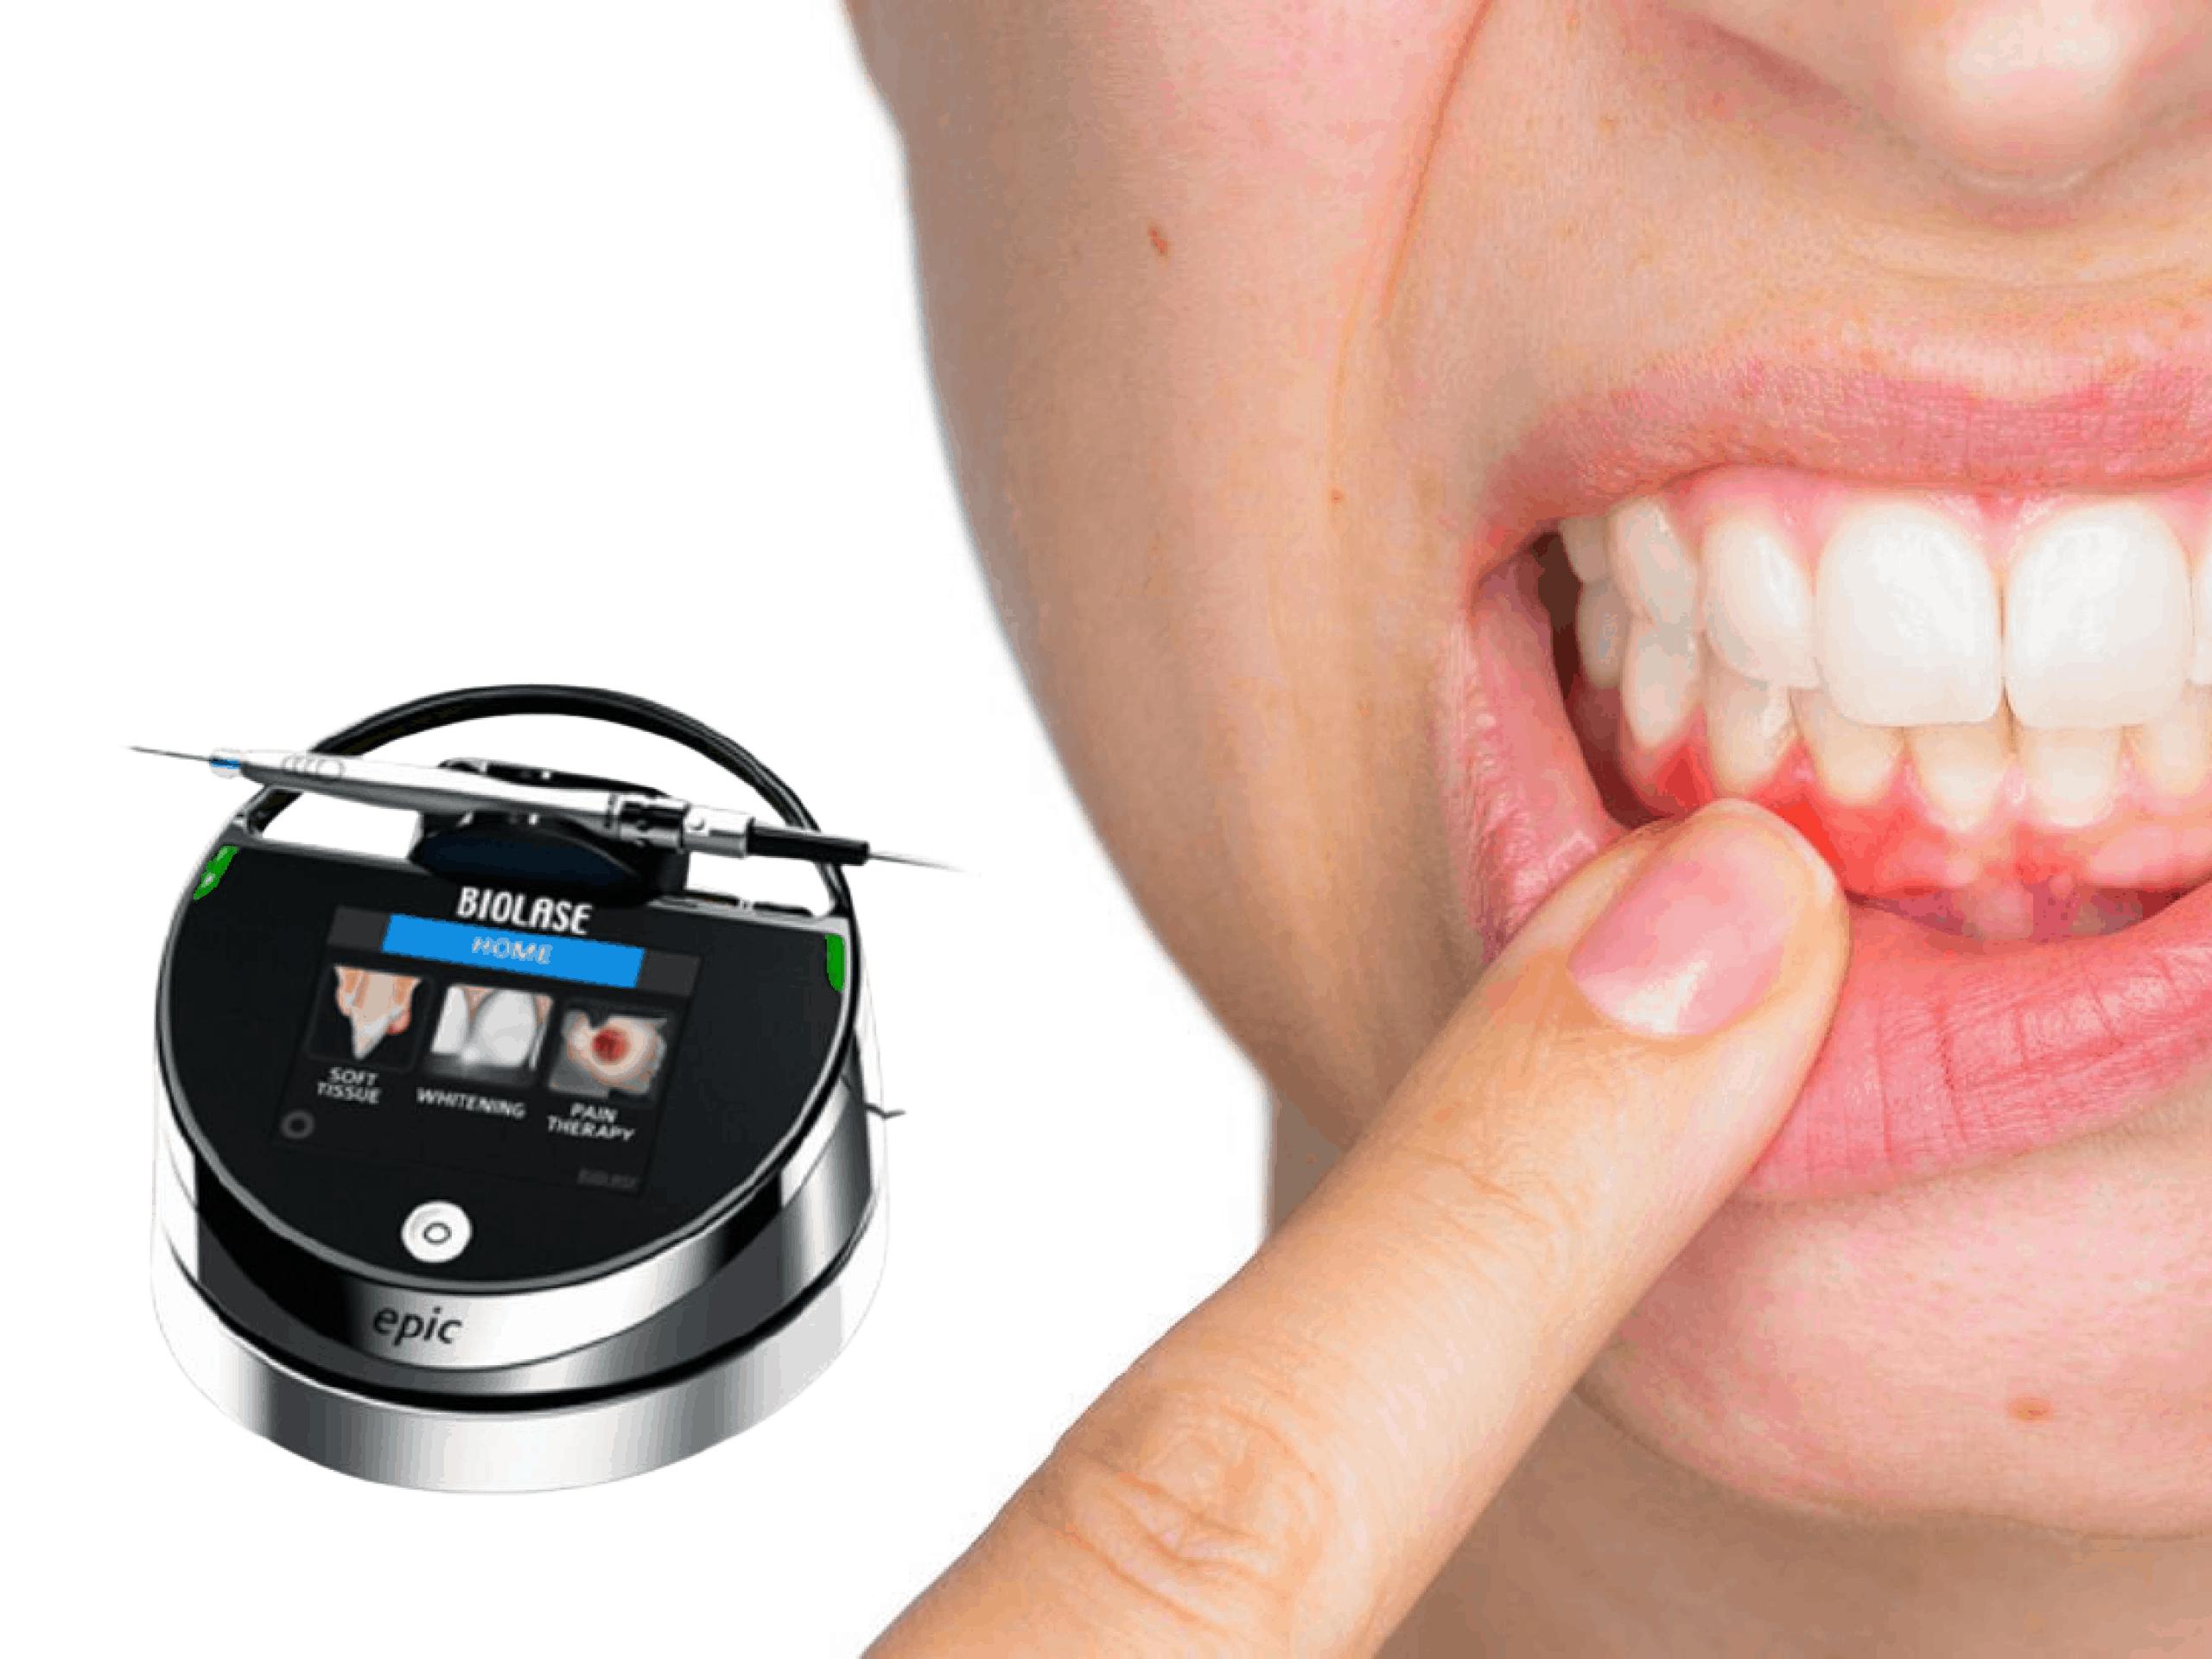 https://www.lifedentalspa.ro/wp-content/uploads/2021/03/Tratamentul-gingivitei-cu-laserul-serviciu-1.png